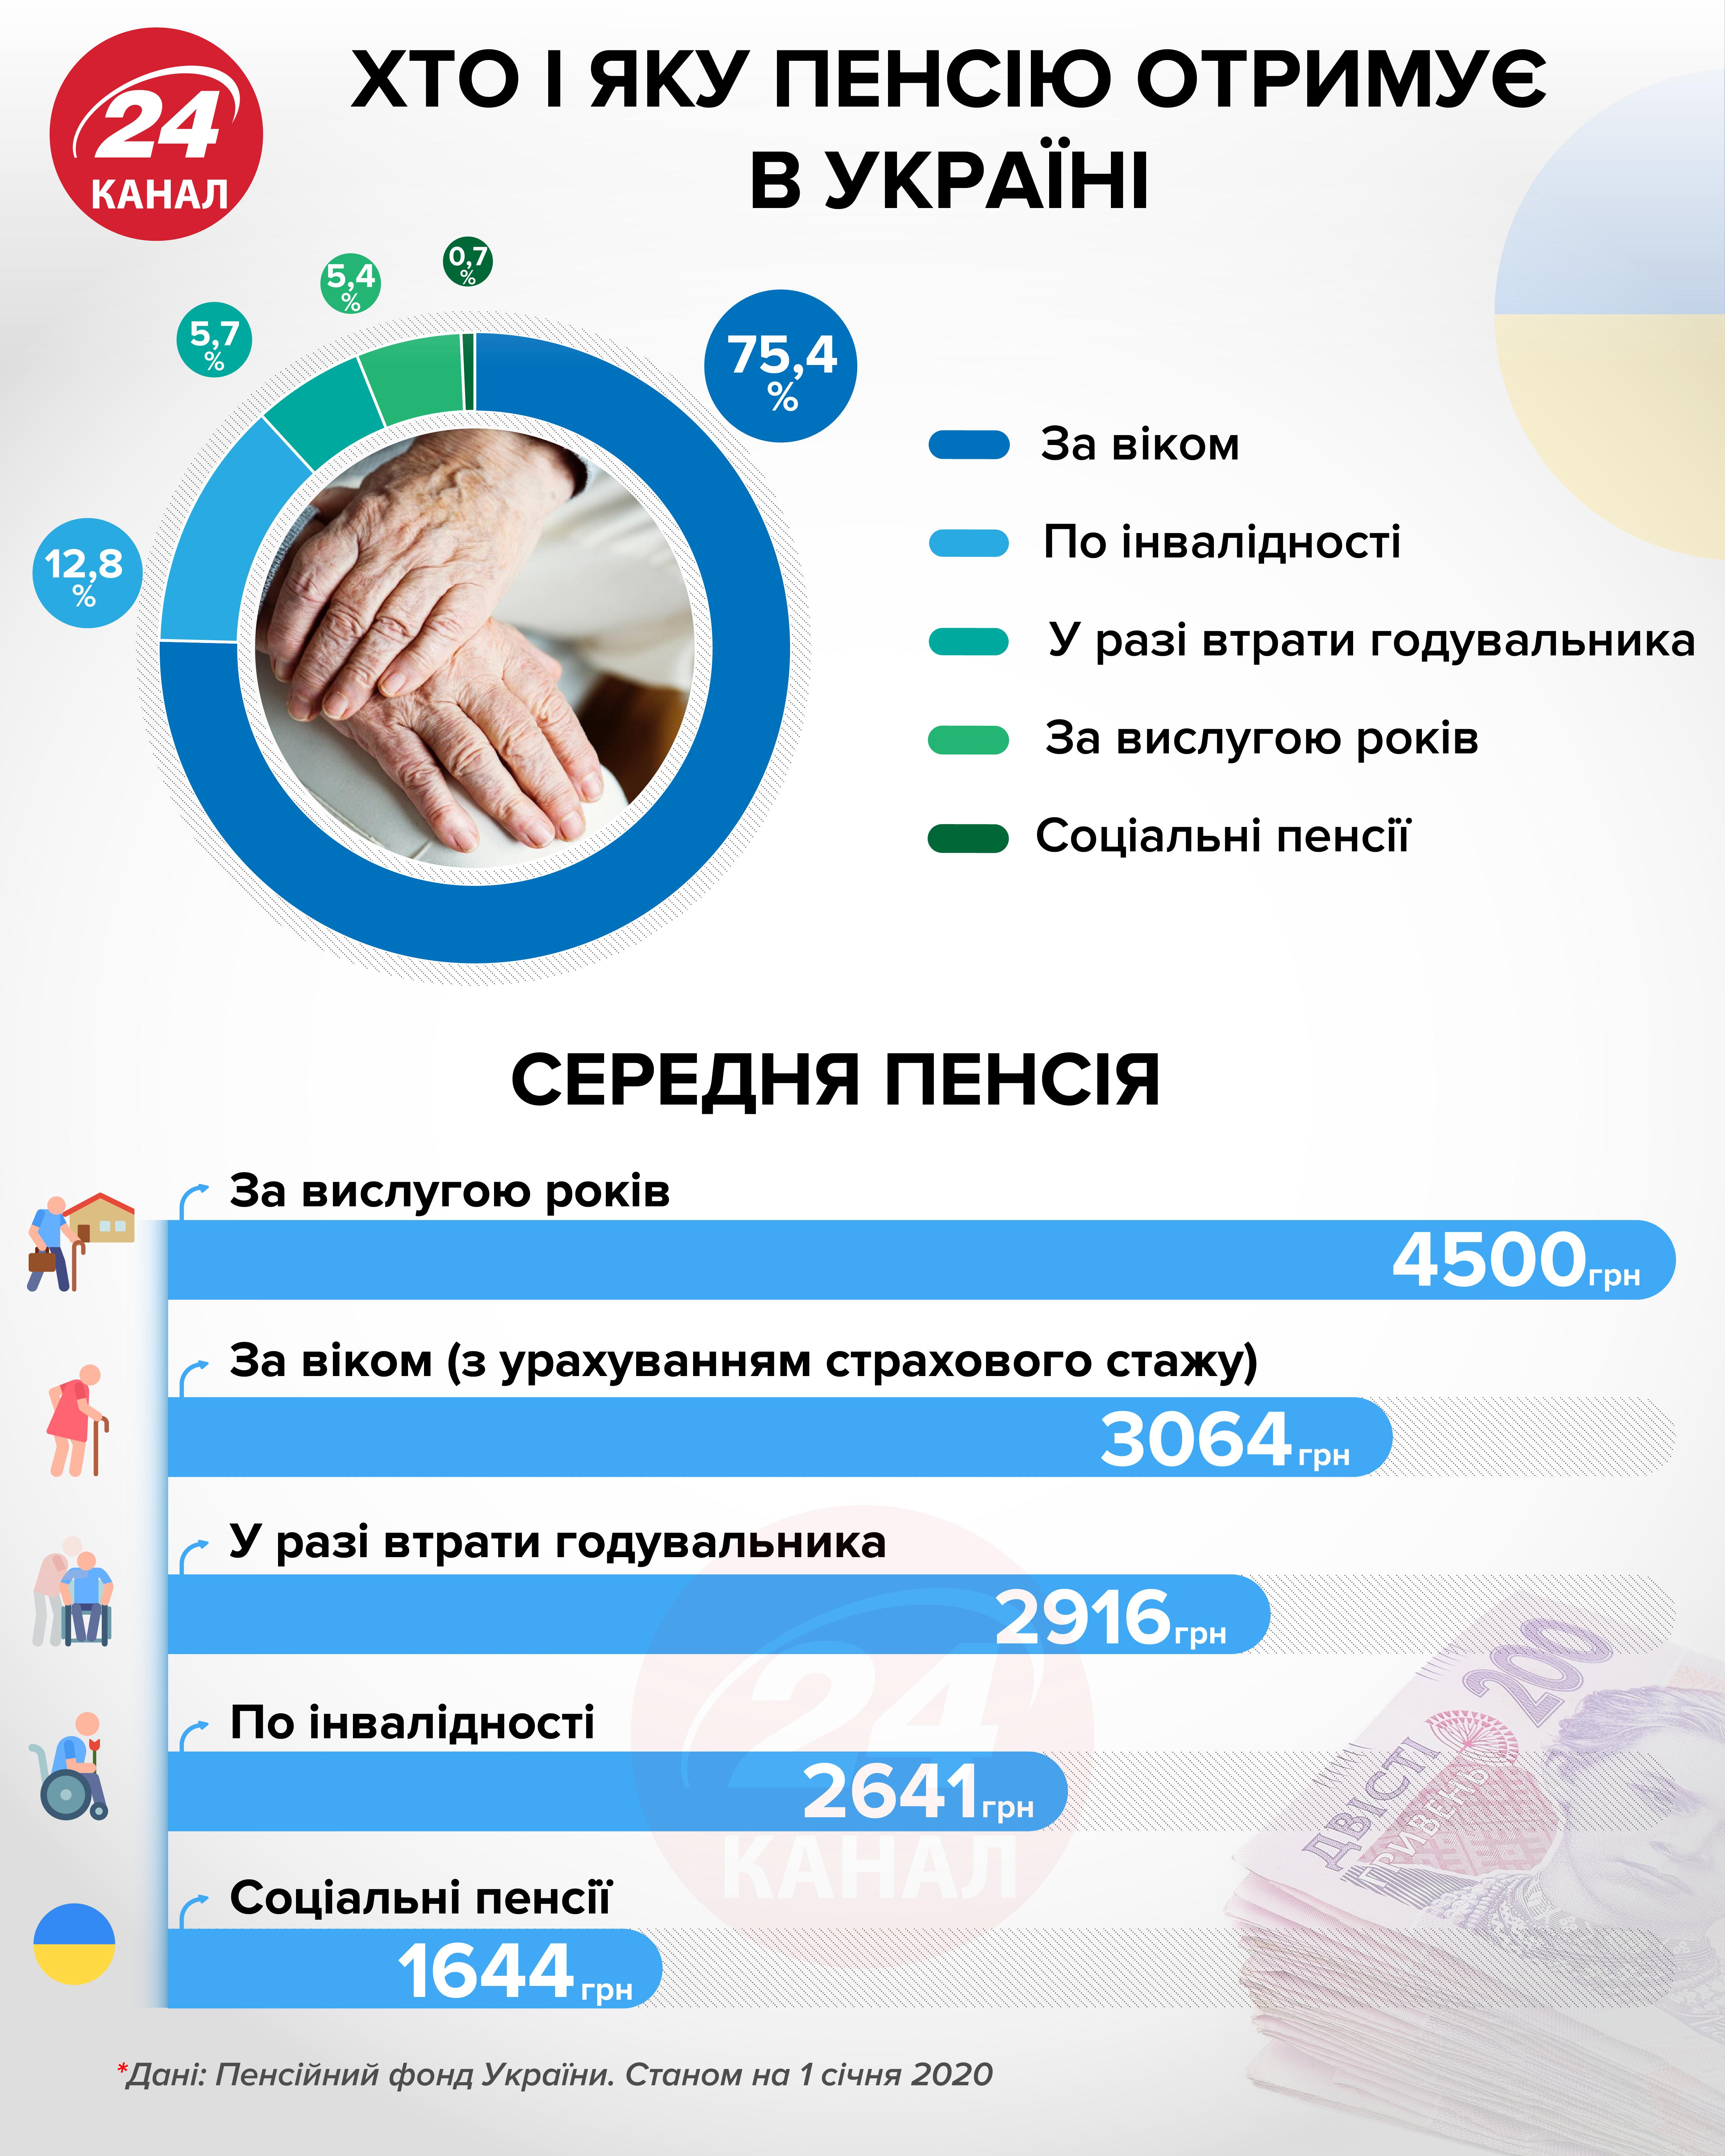 пенсії в україні, пенсіонери